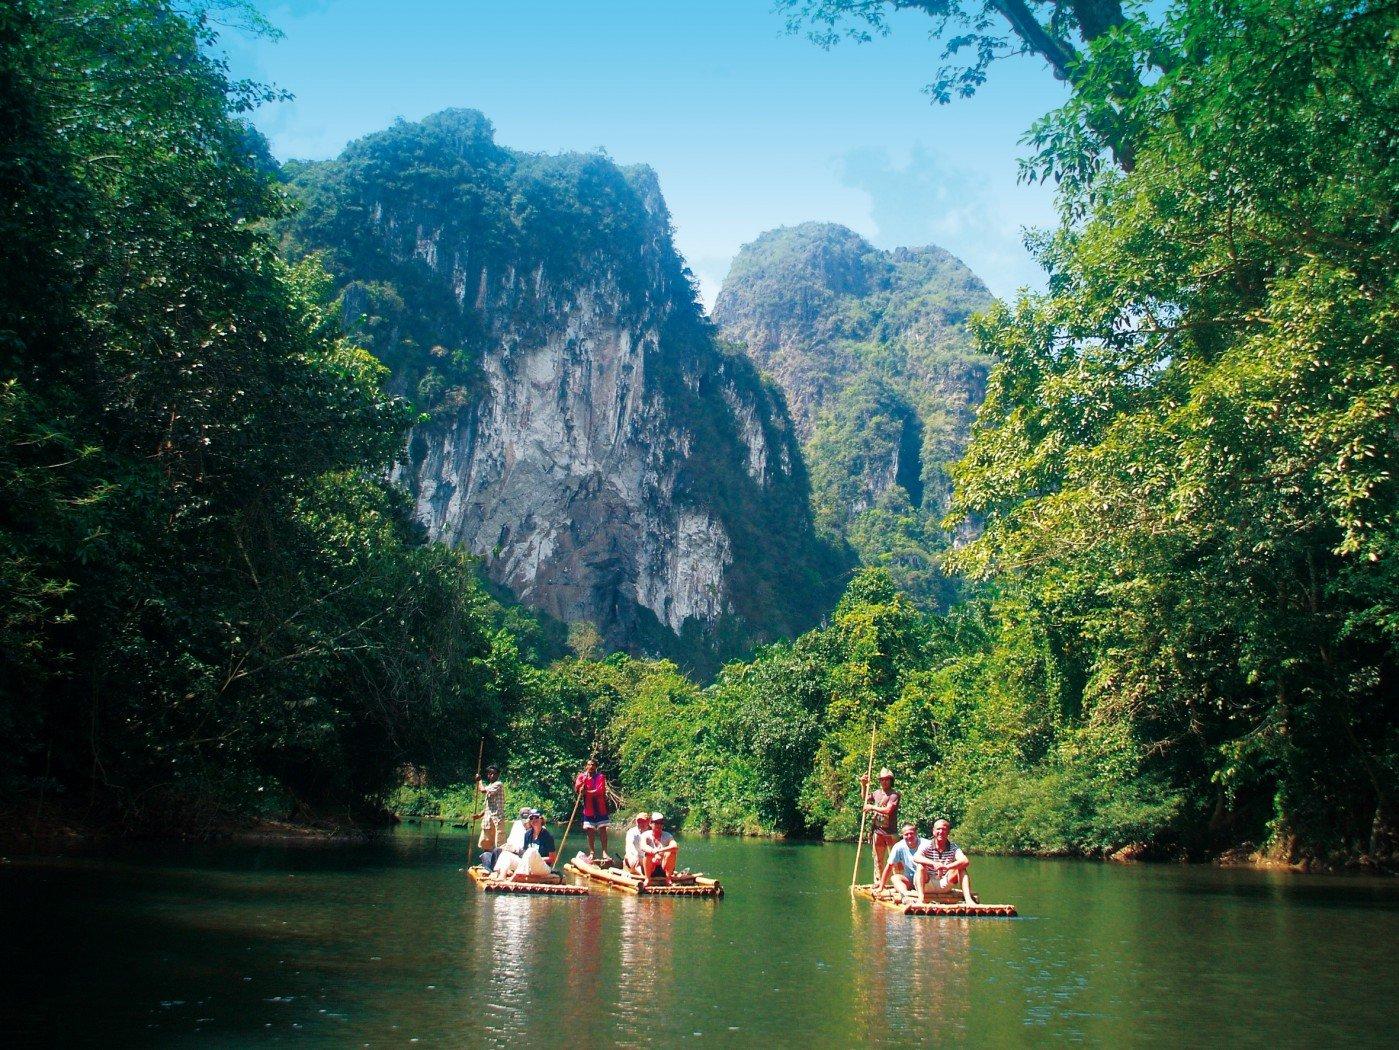 Национальный парк Као-Сок. Сезон 2019-2020